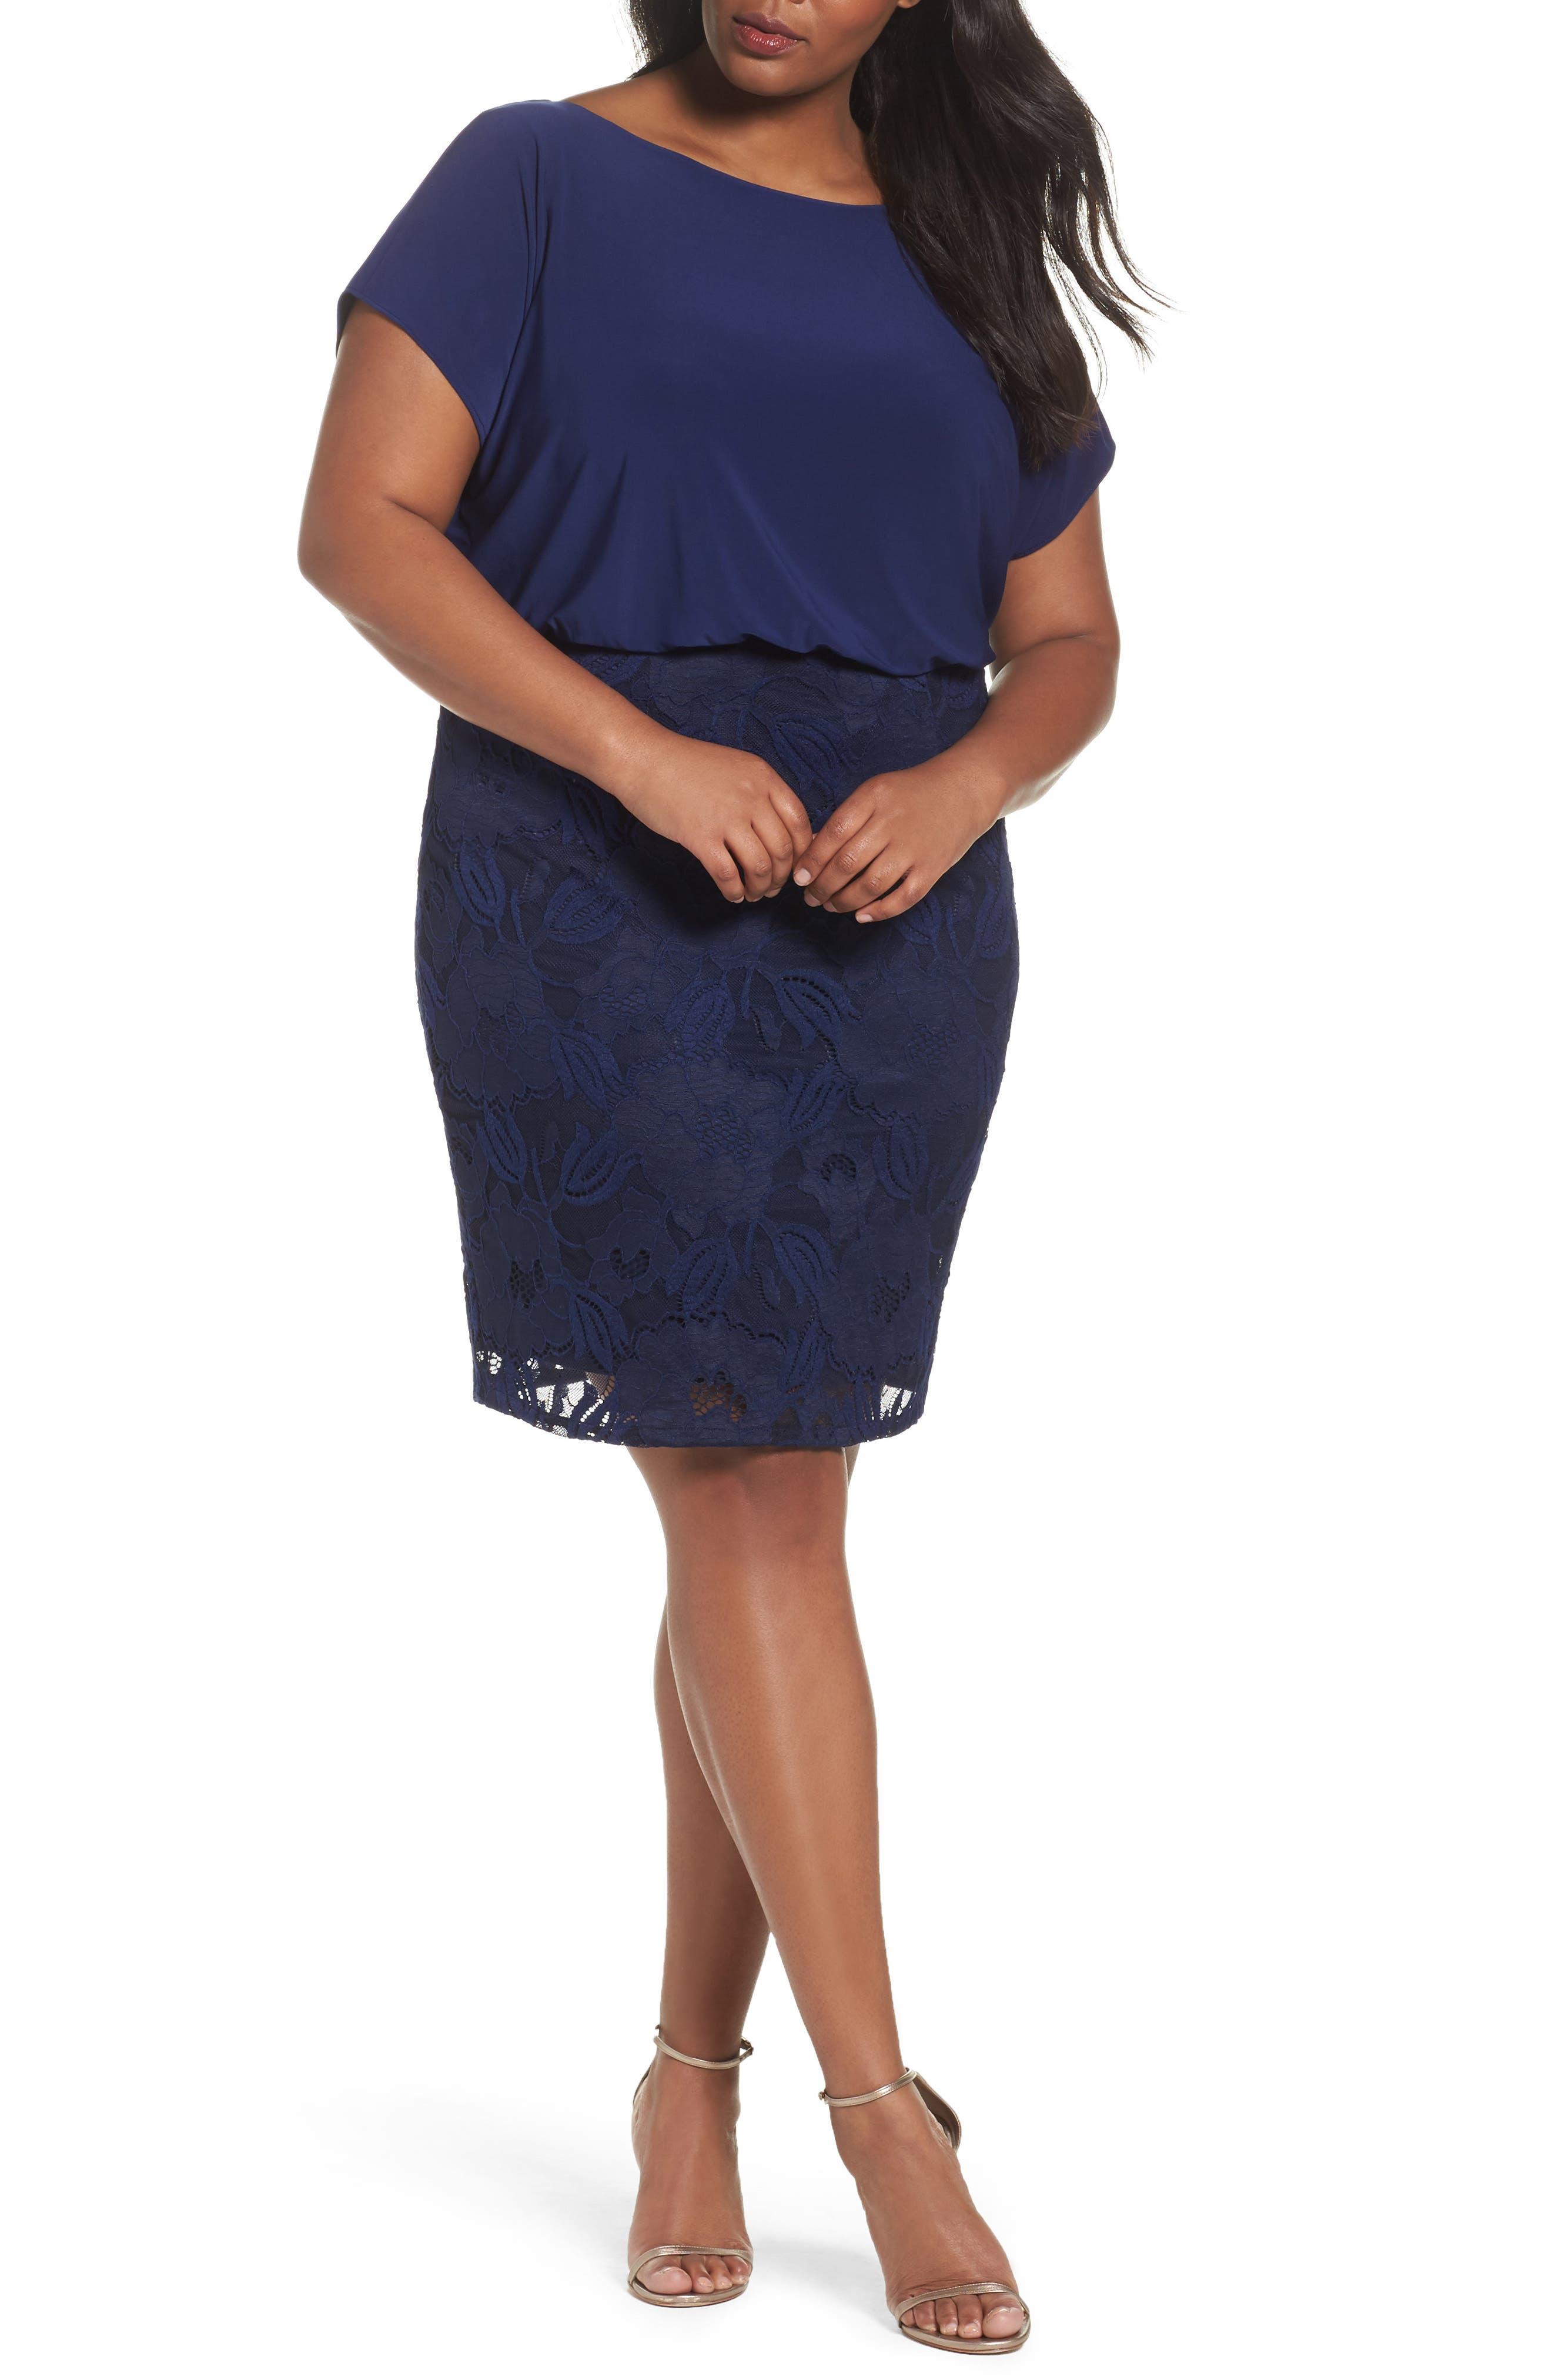 ADRIANNA PAPELL Mixed Media Blouson Dress